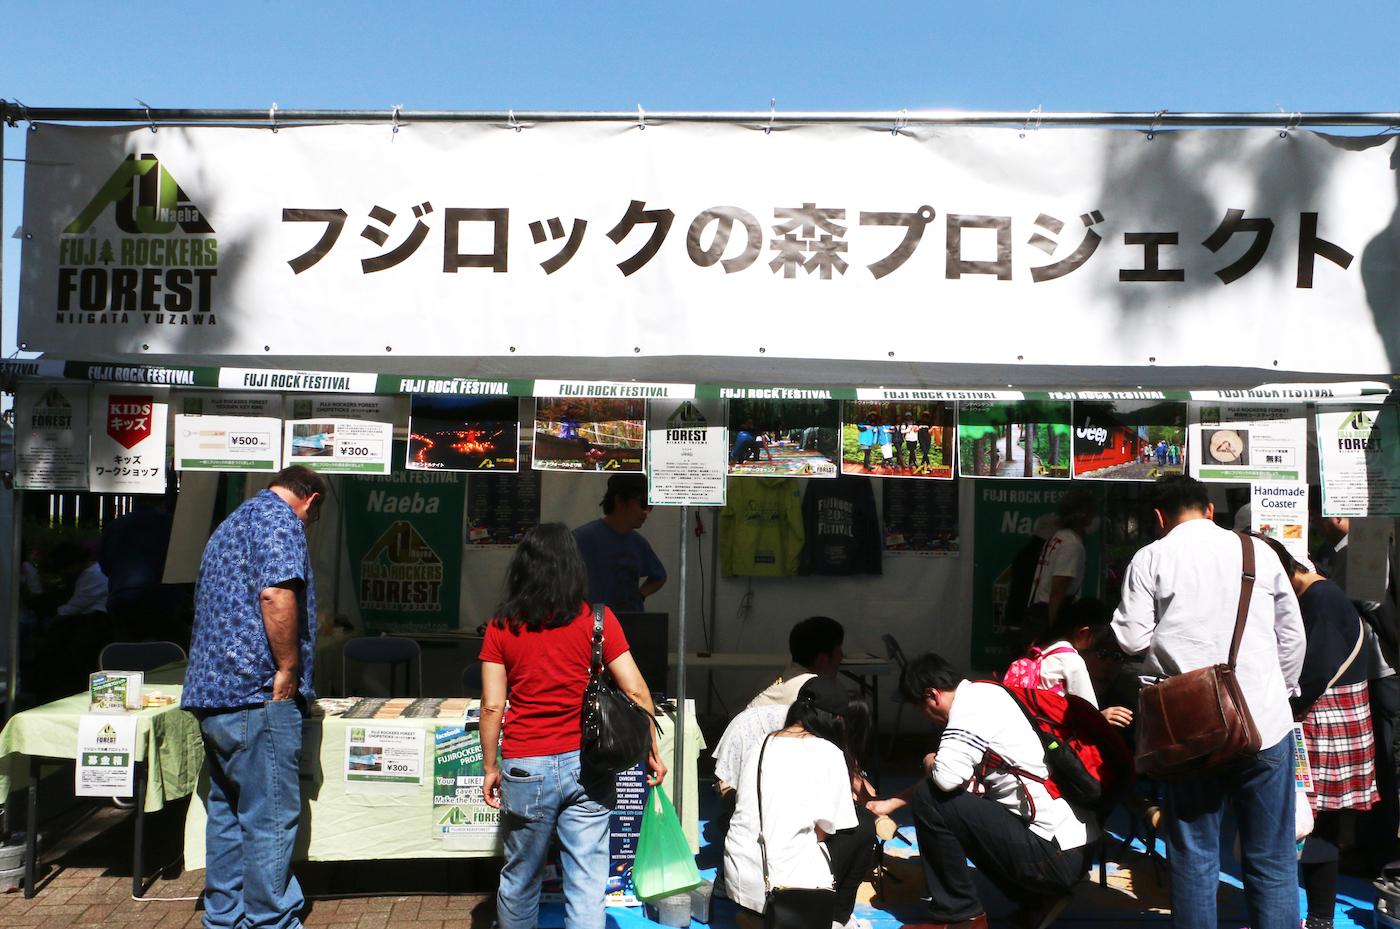 フジロックの森プロジェクト in アースデイ東京、当日の様子をレポート!